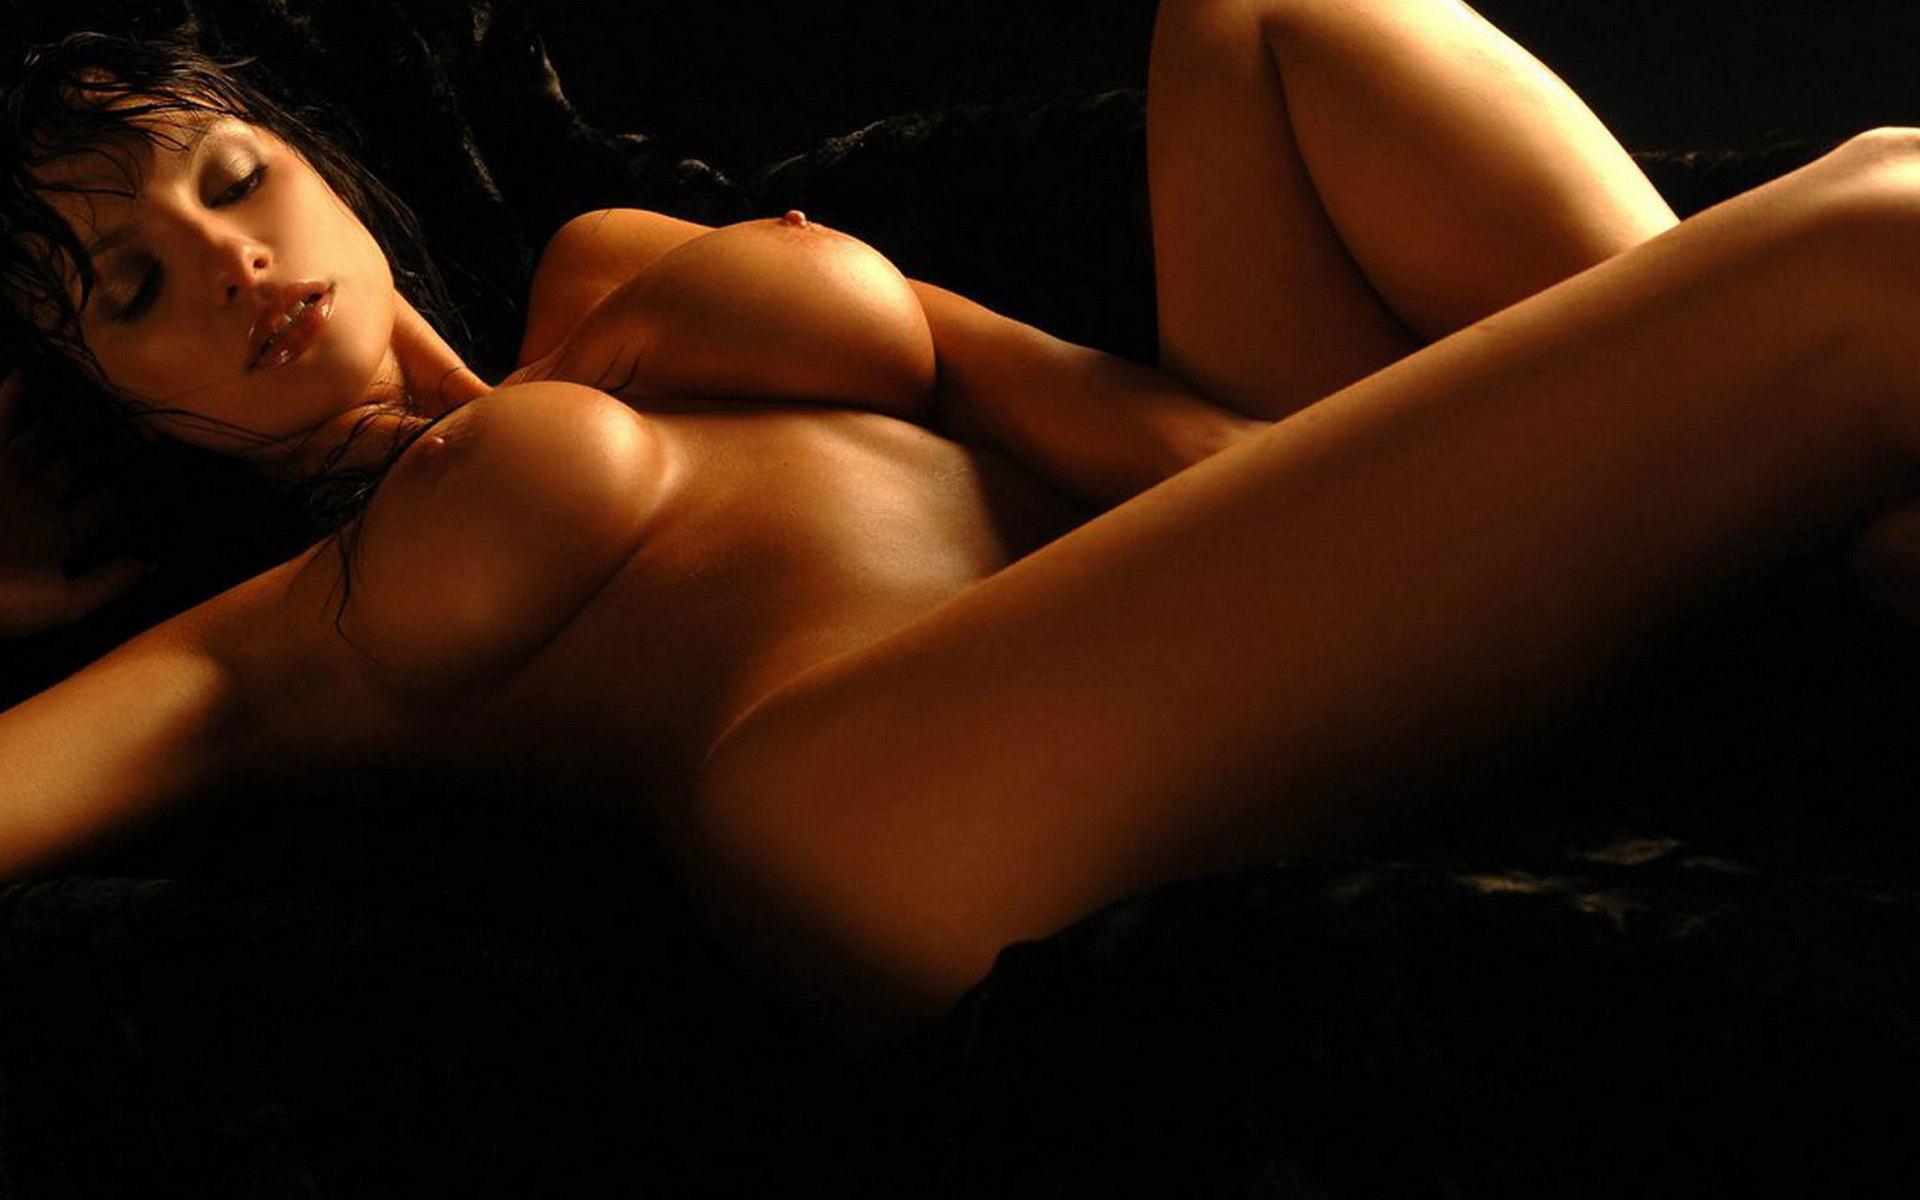 еротика фото девушек